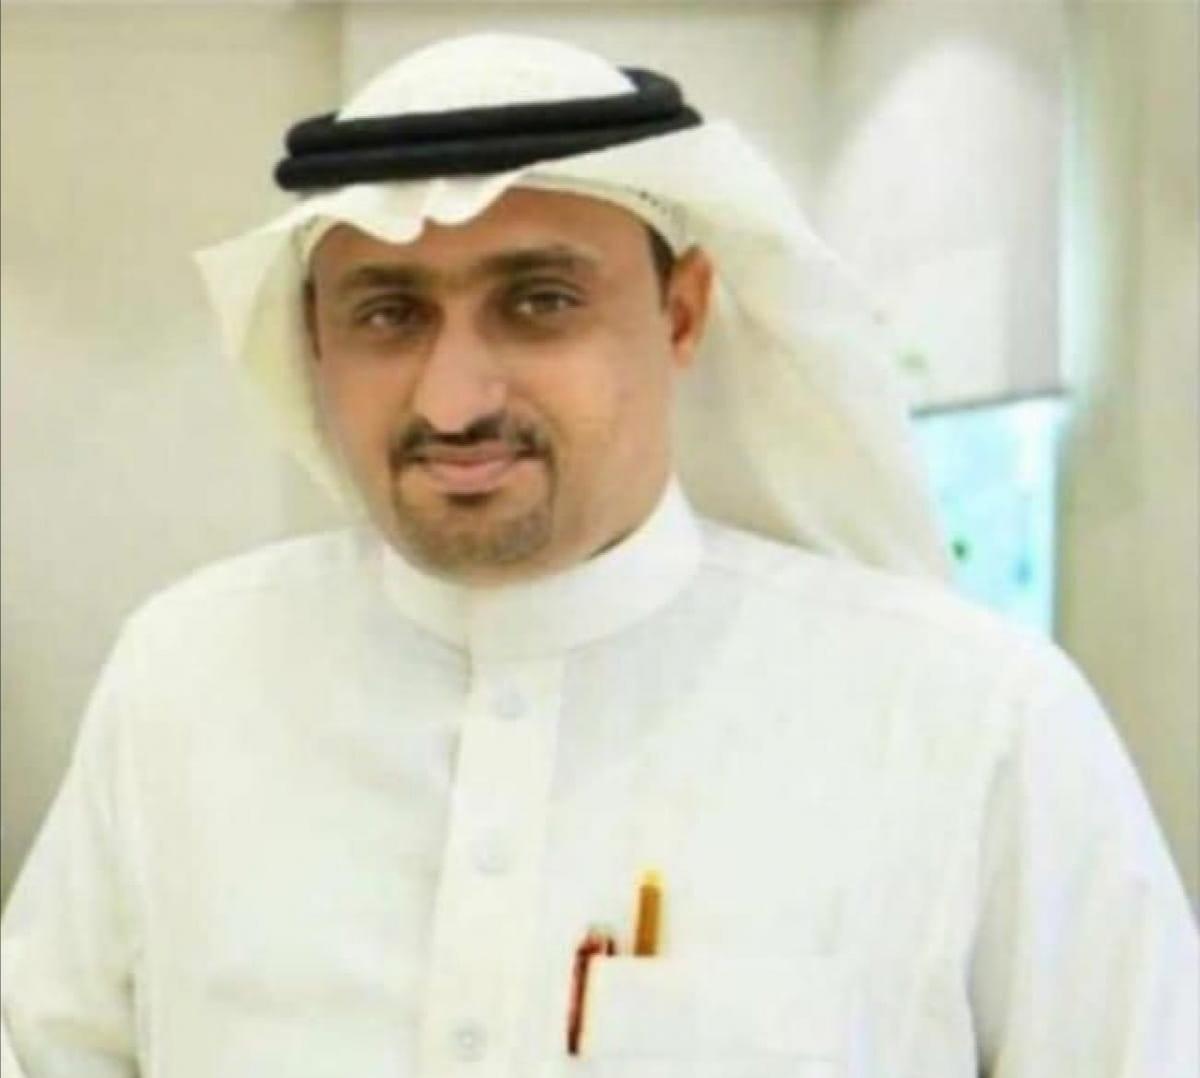 الدكتور الأحمري قامة إدارية وطبية من الطراز الأول